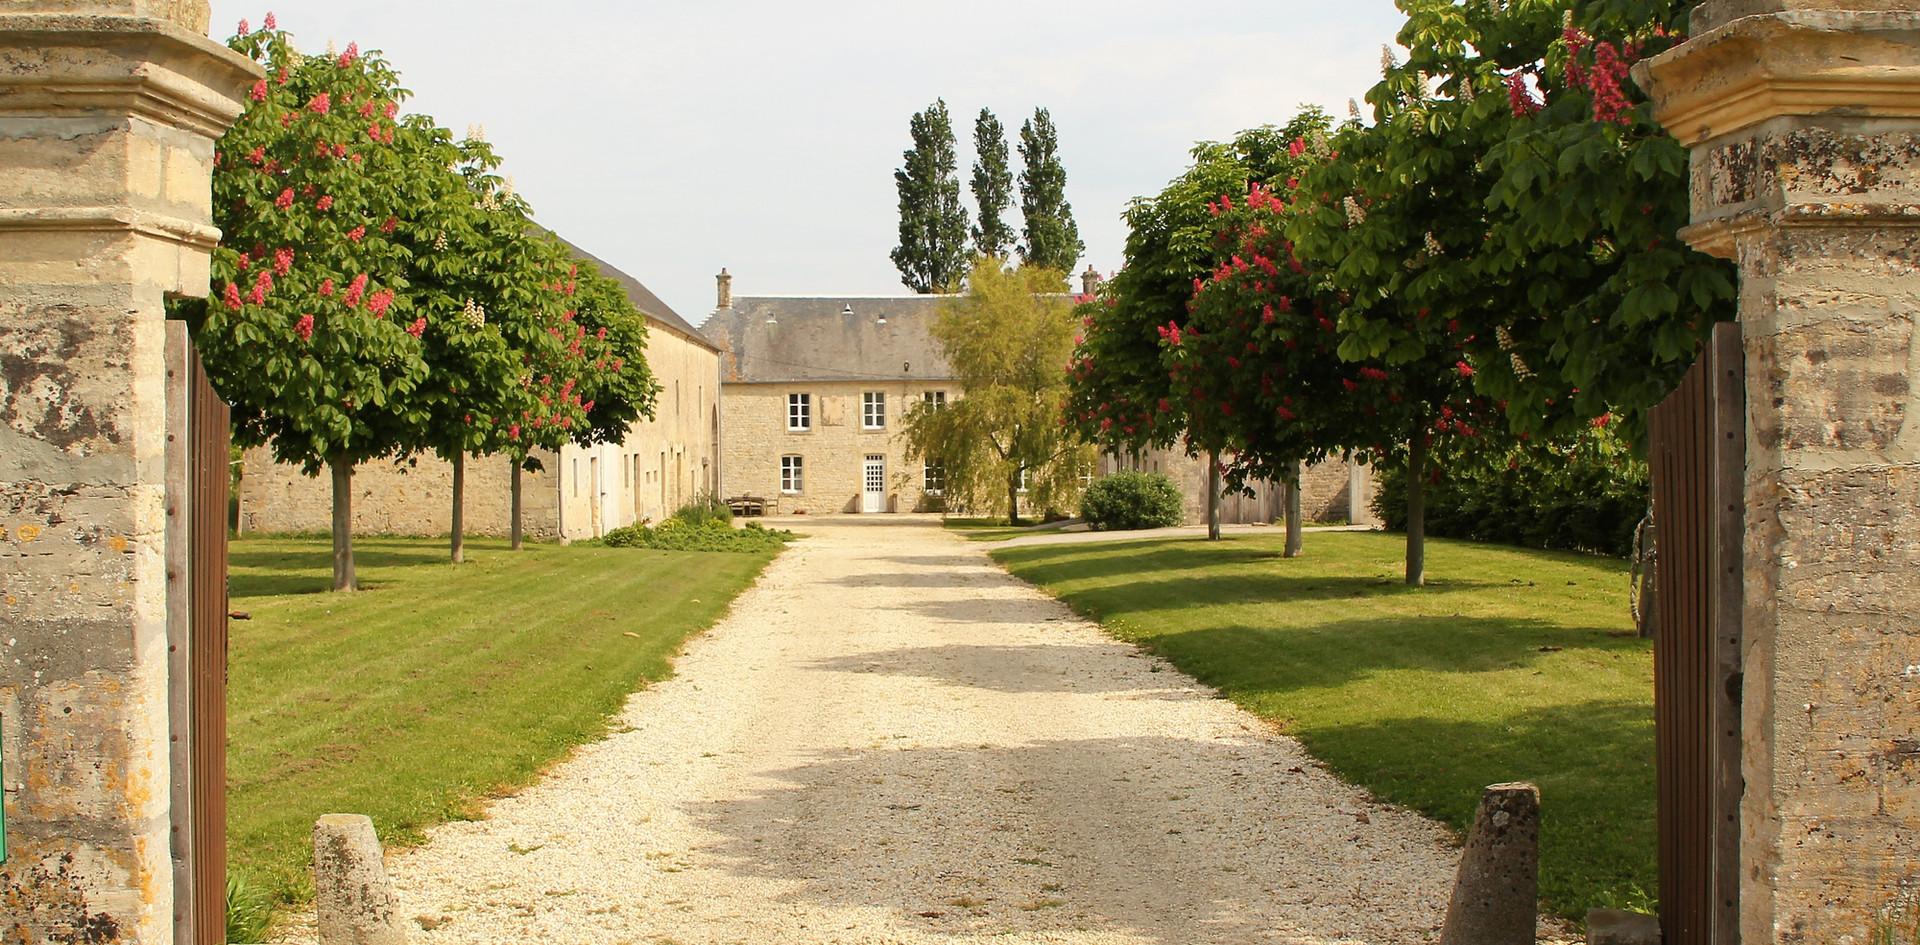 ferme-hay-day-boerderij